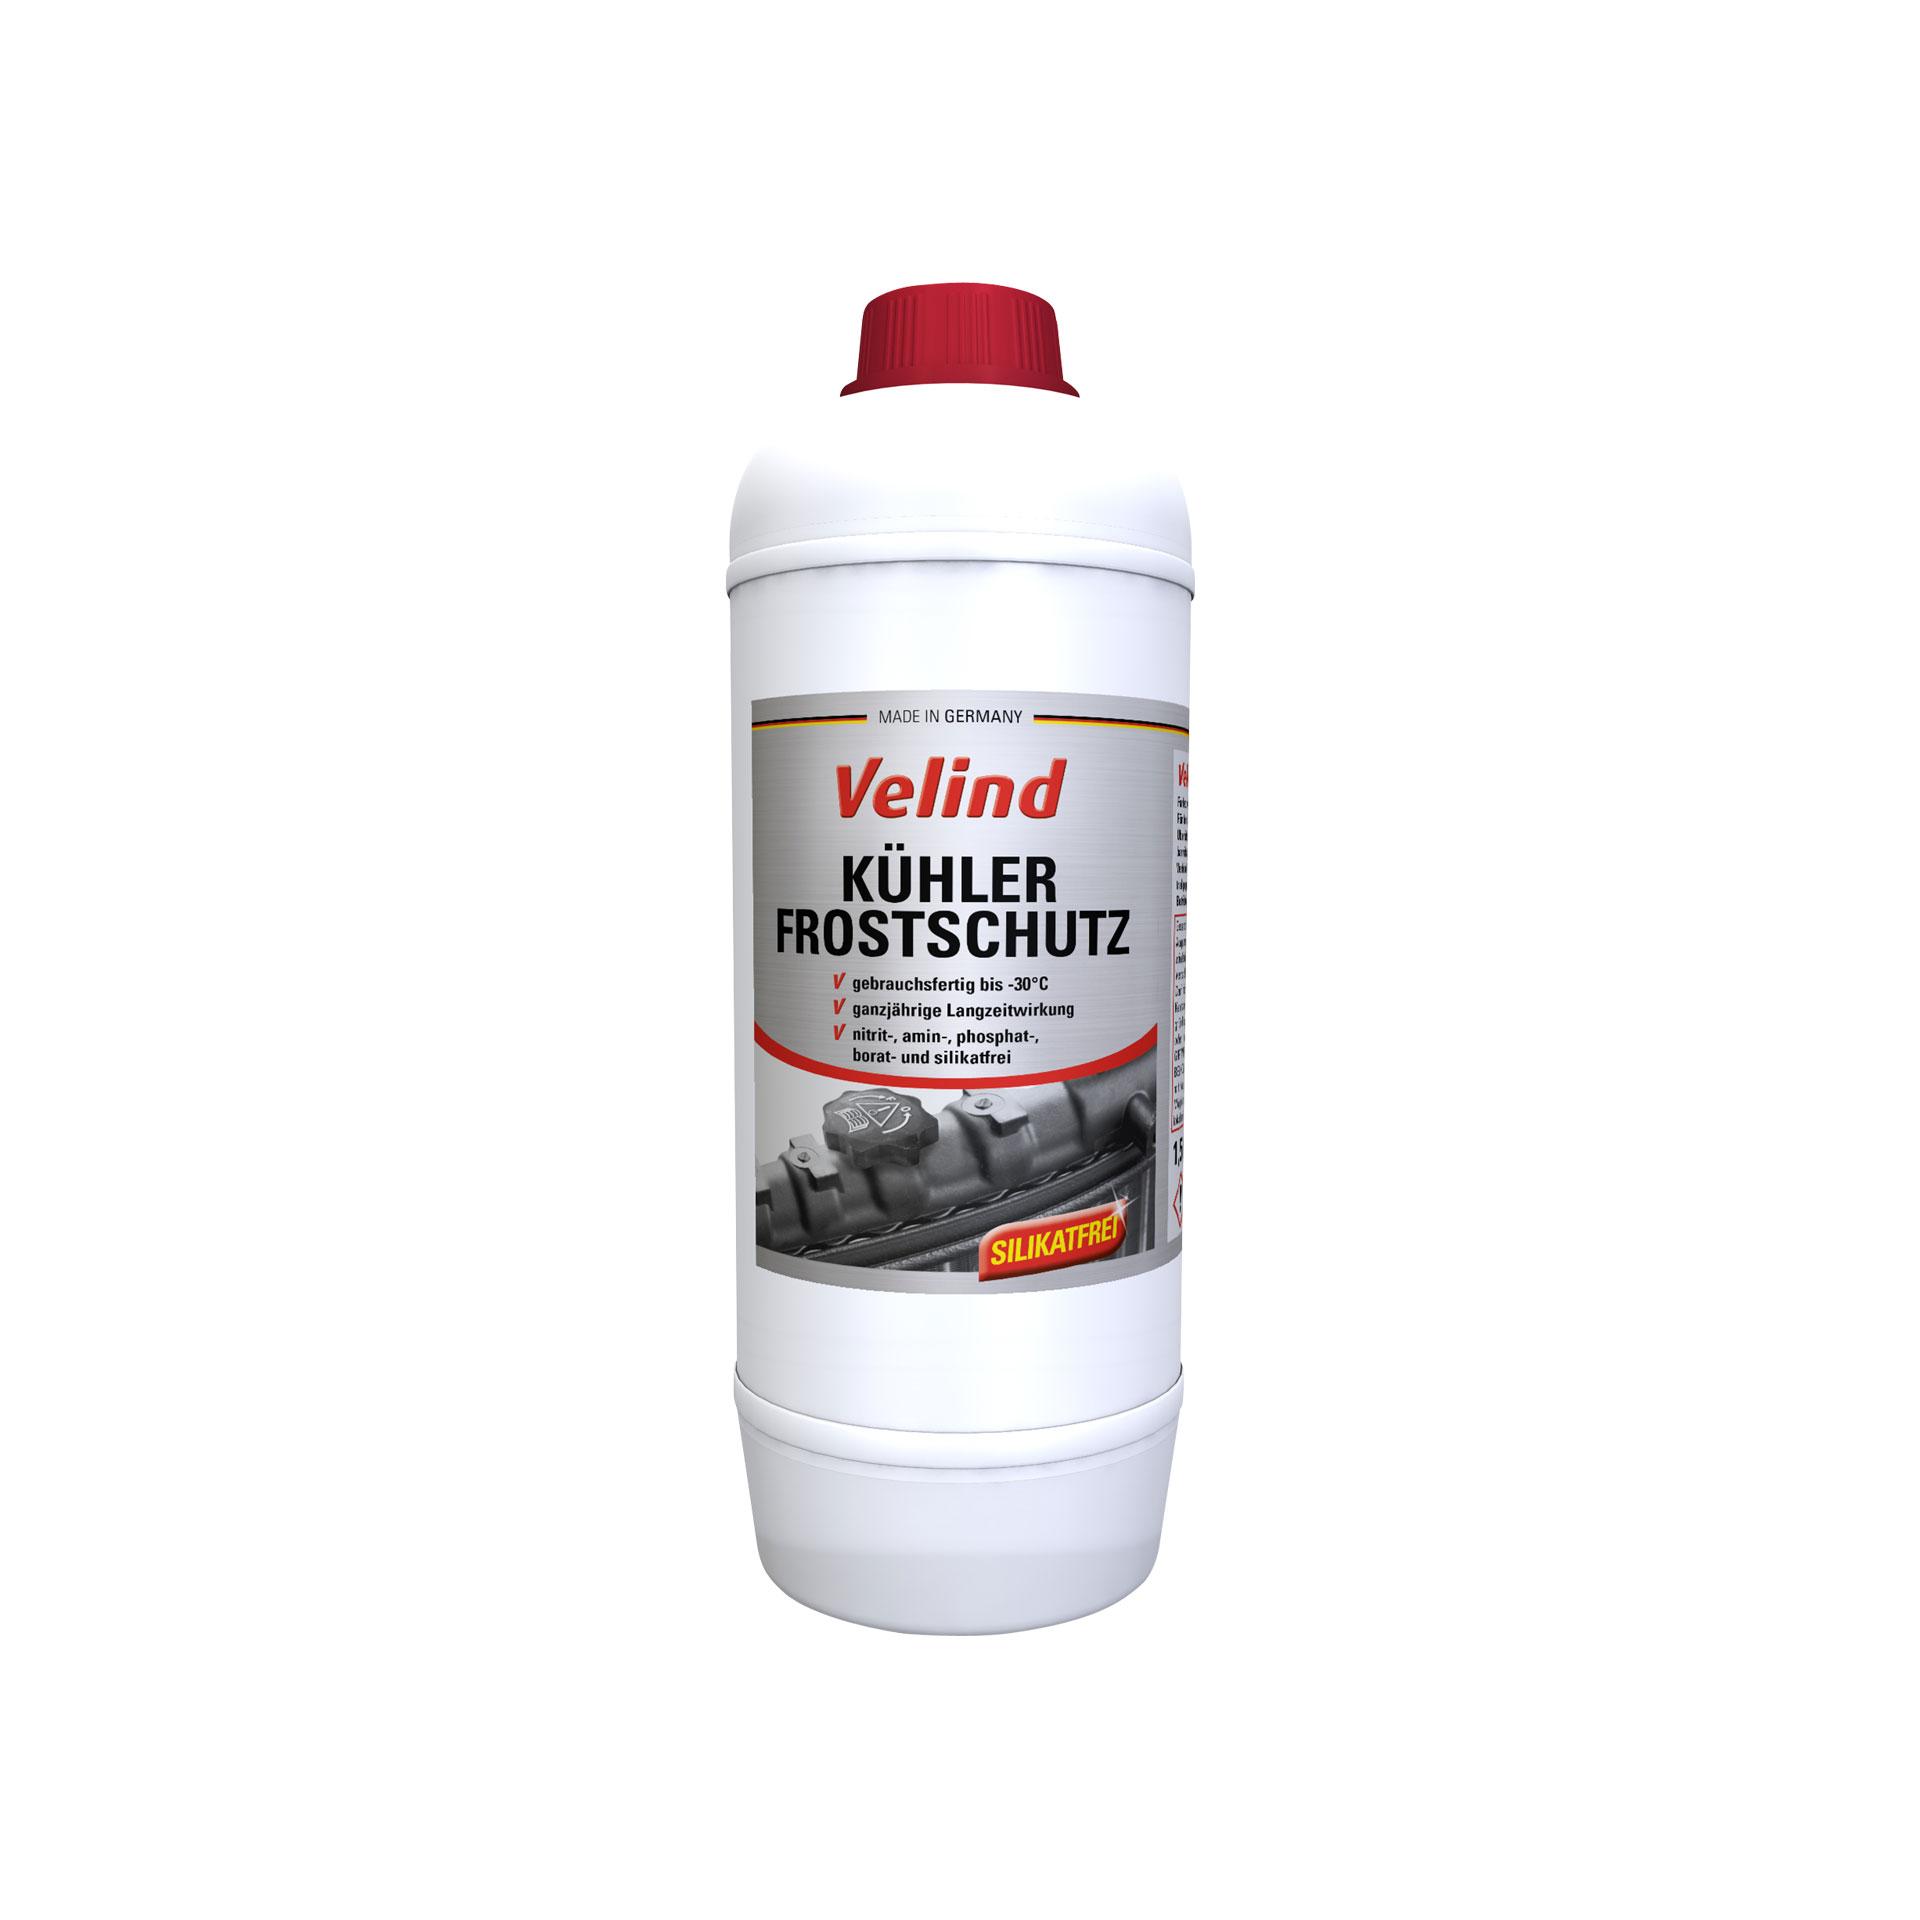 Kühlerfrostschutz gebrauchsfähig bis -30°C, 1 l, silikatfrei